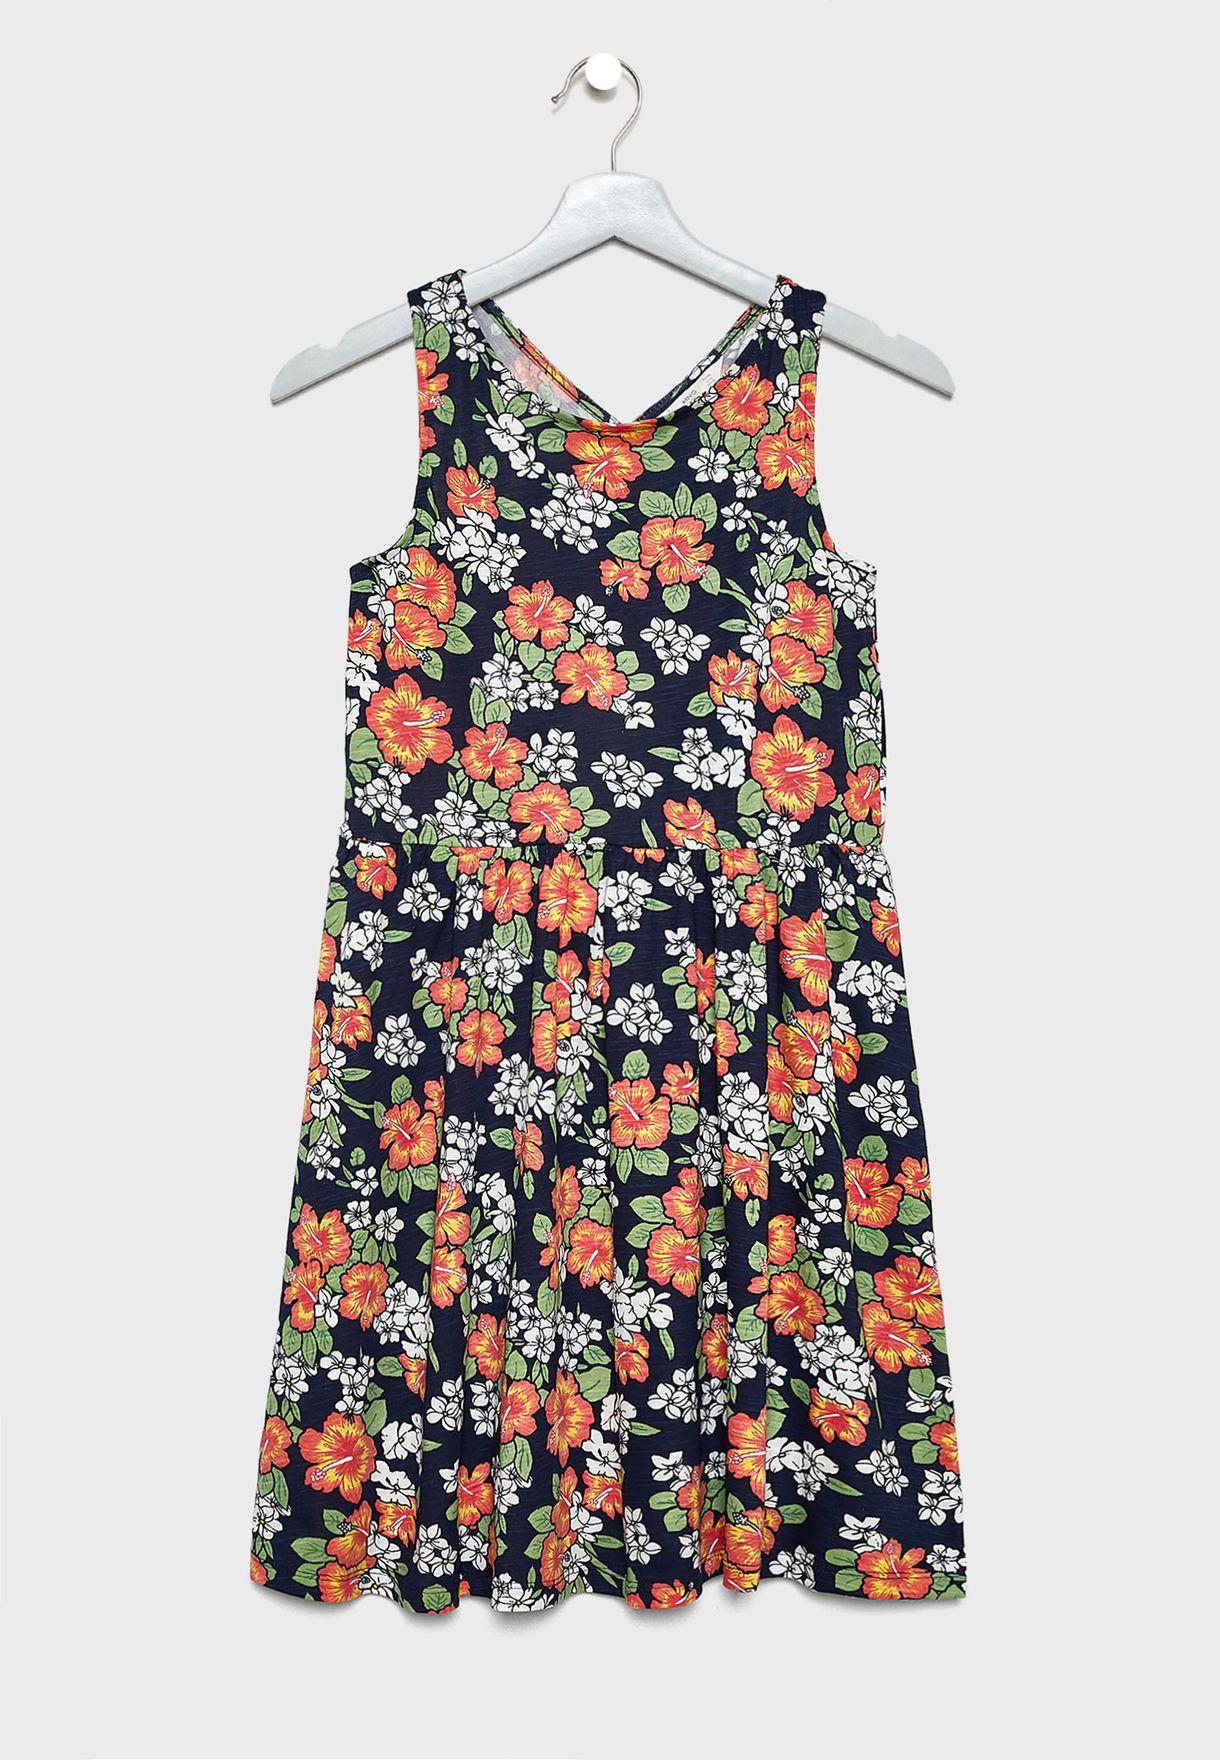 فستان اطفال بطبعات زهور